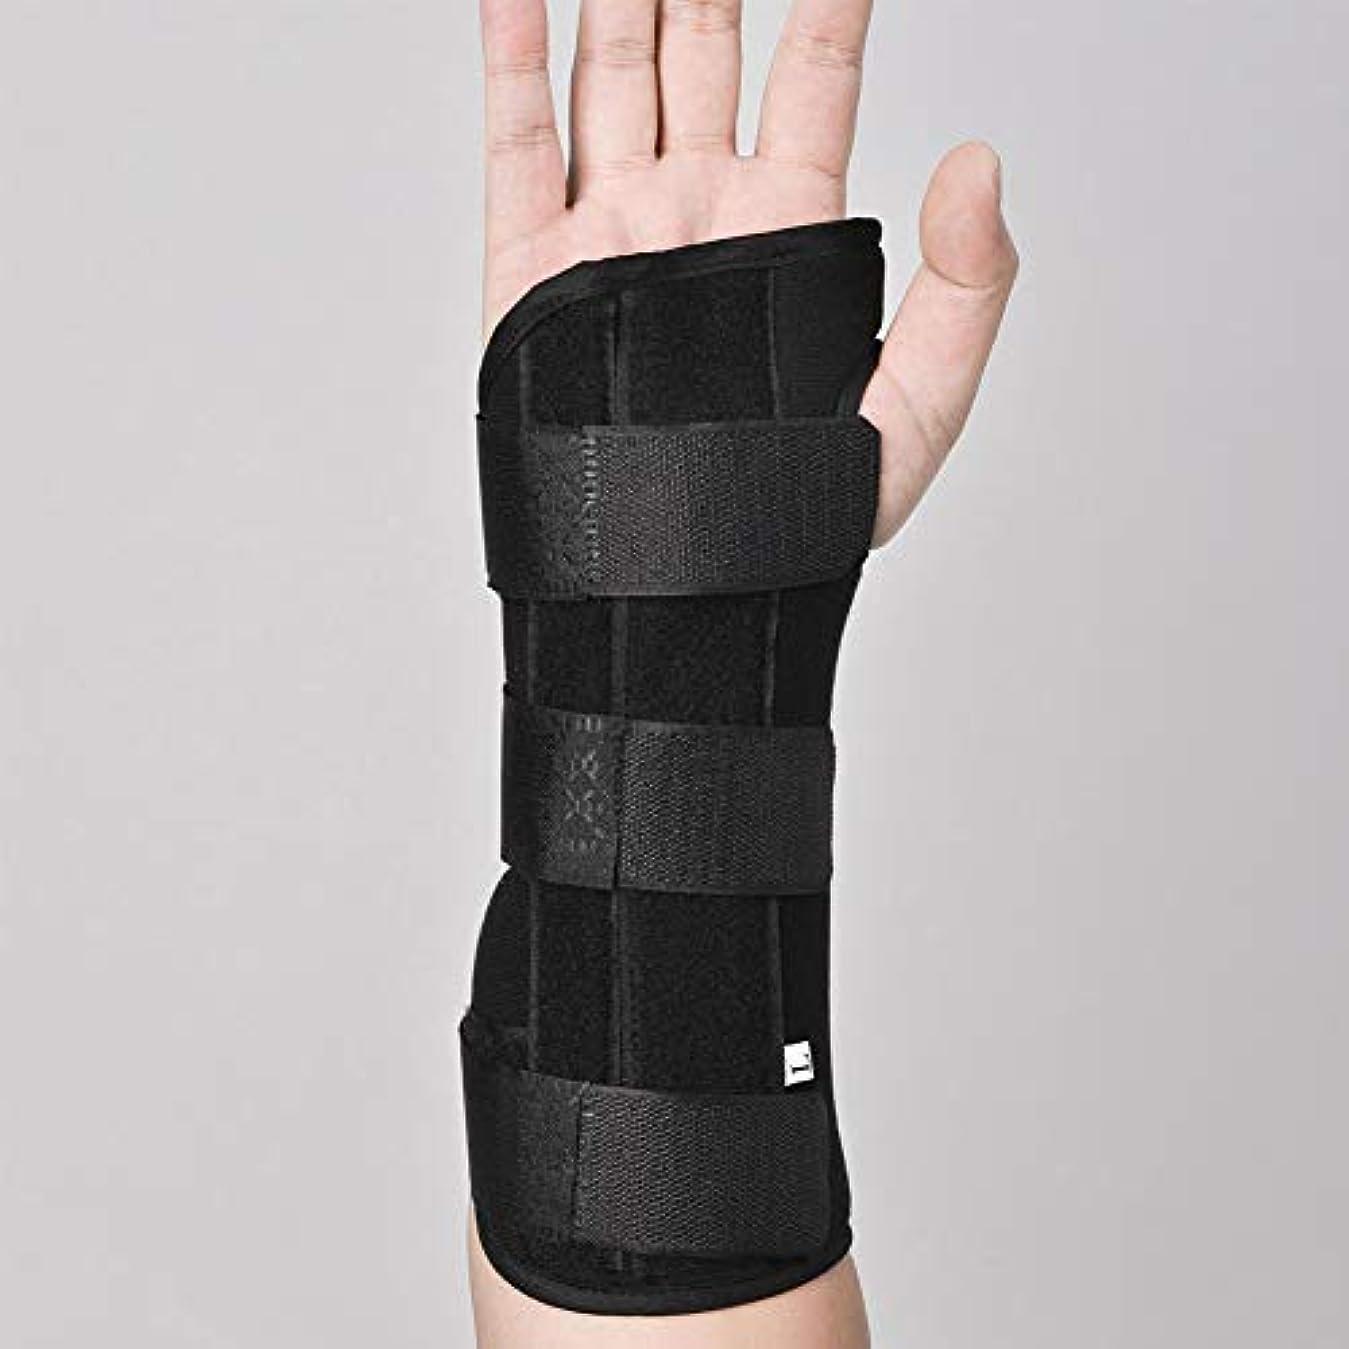 要旨任命拮抗する捻挫および成人用に適した関節炎のためのアルミニウム副木矯正ストラップ痛み緩和と手首の関節,Lefthand,S